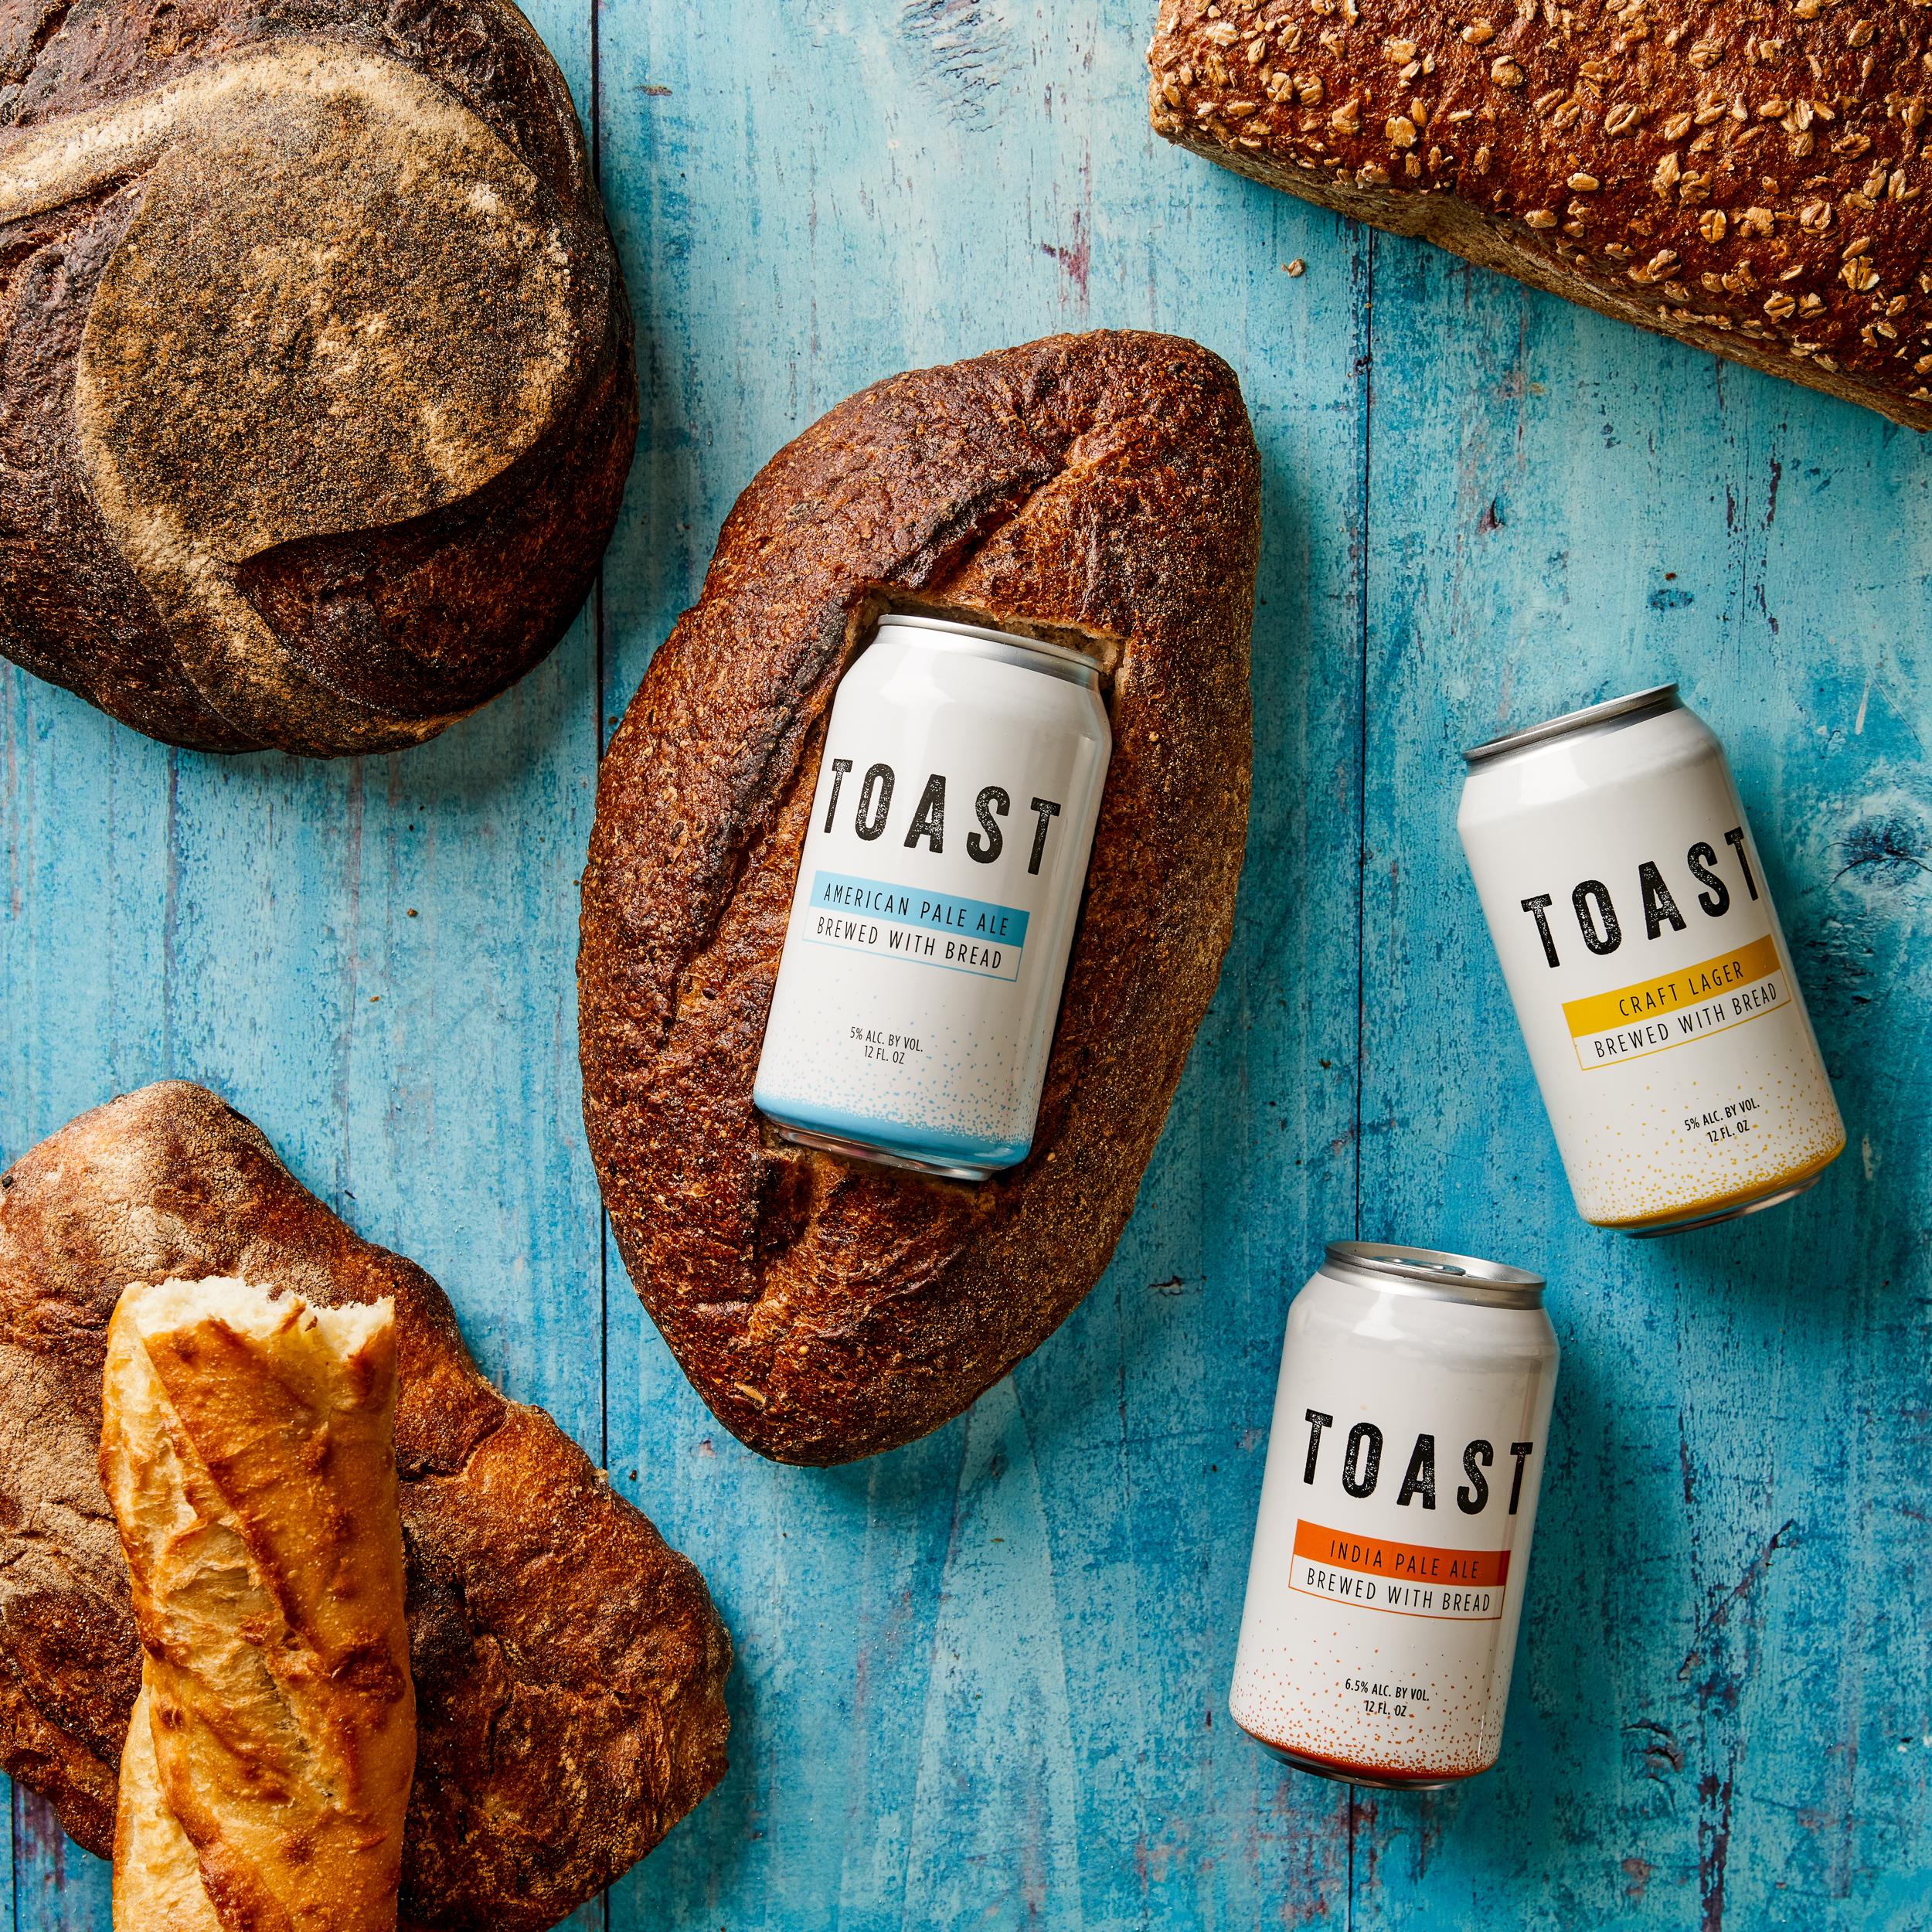 Toast5401.jpg